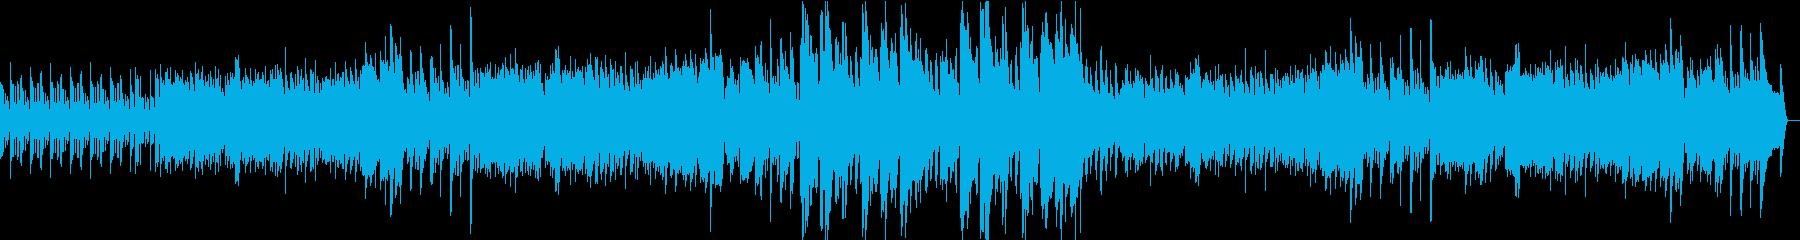 ほのぼのとしたBGMの再生済みの波形